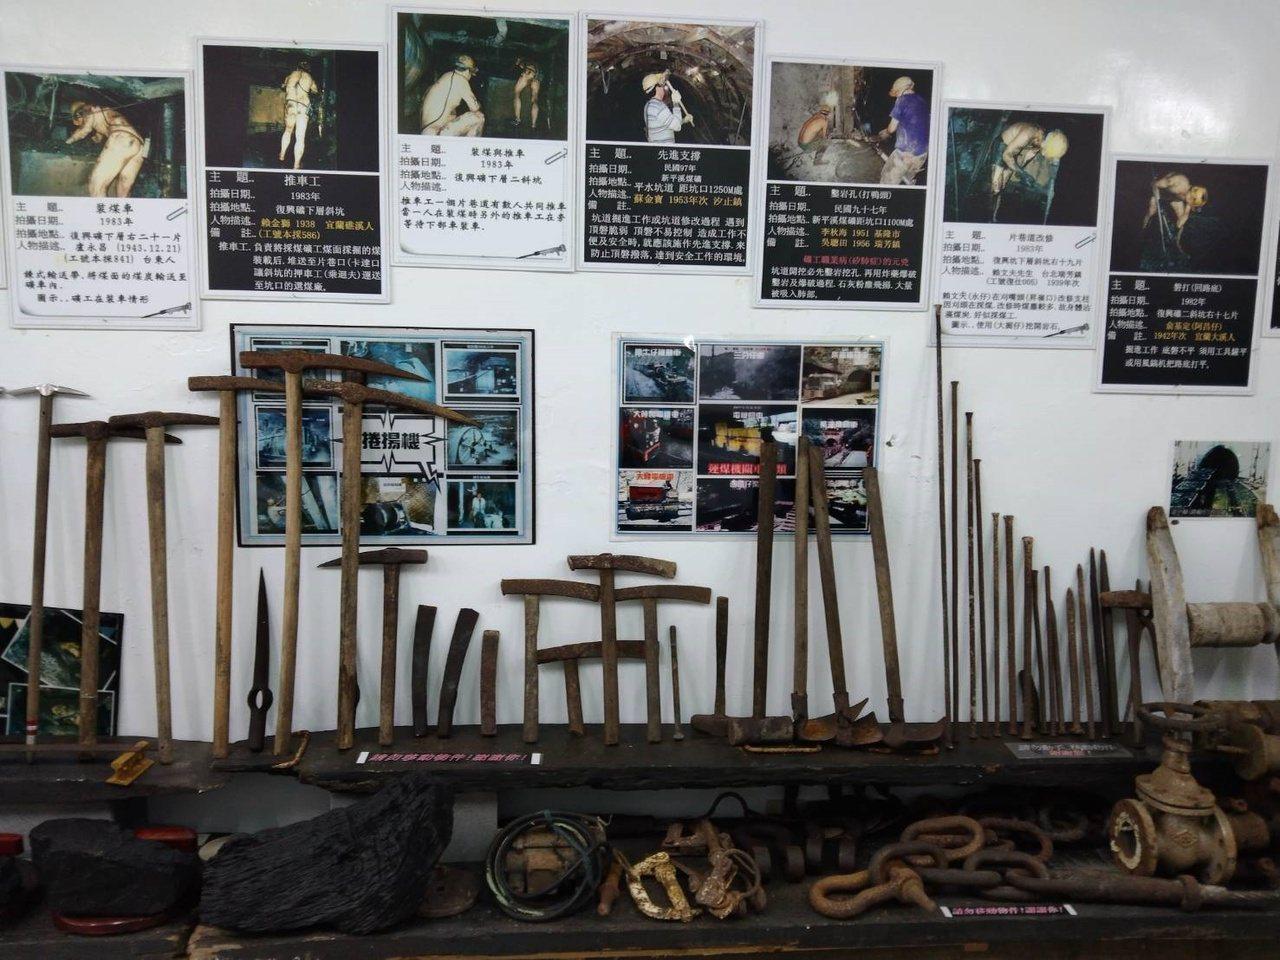 新北市瑞芳鎮猴硐礦工文史館展出早期開採煤礦工具和老照片。 圖/邱瑞杰 攝影